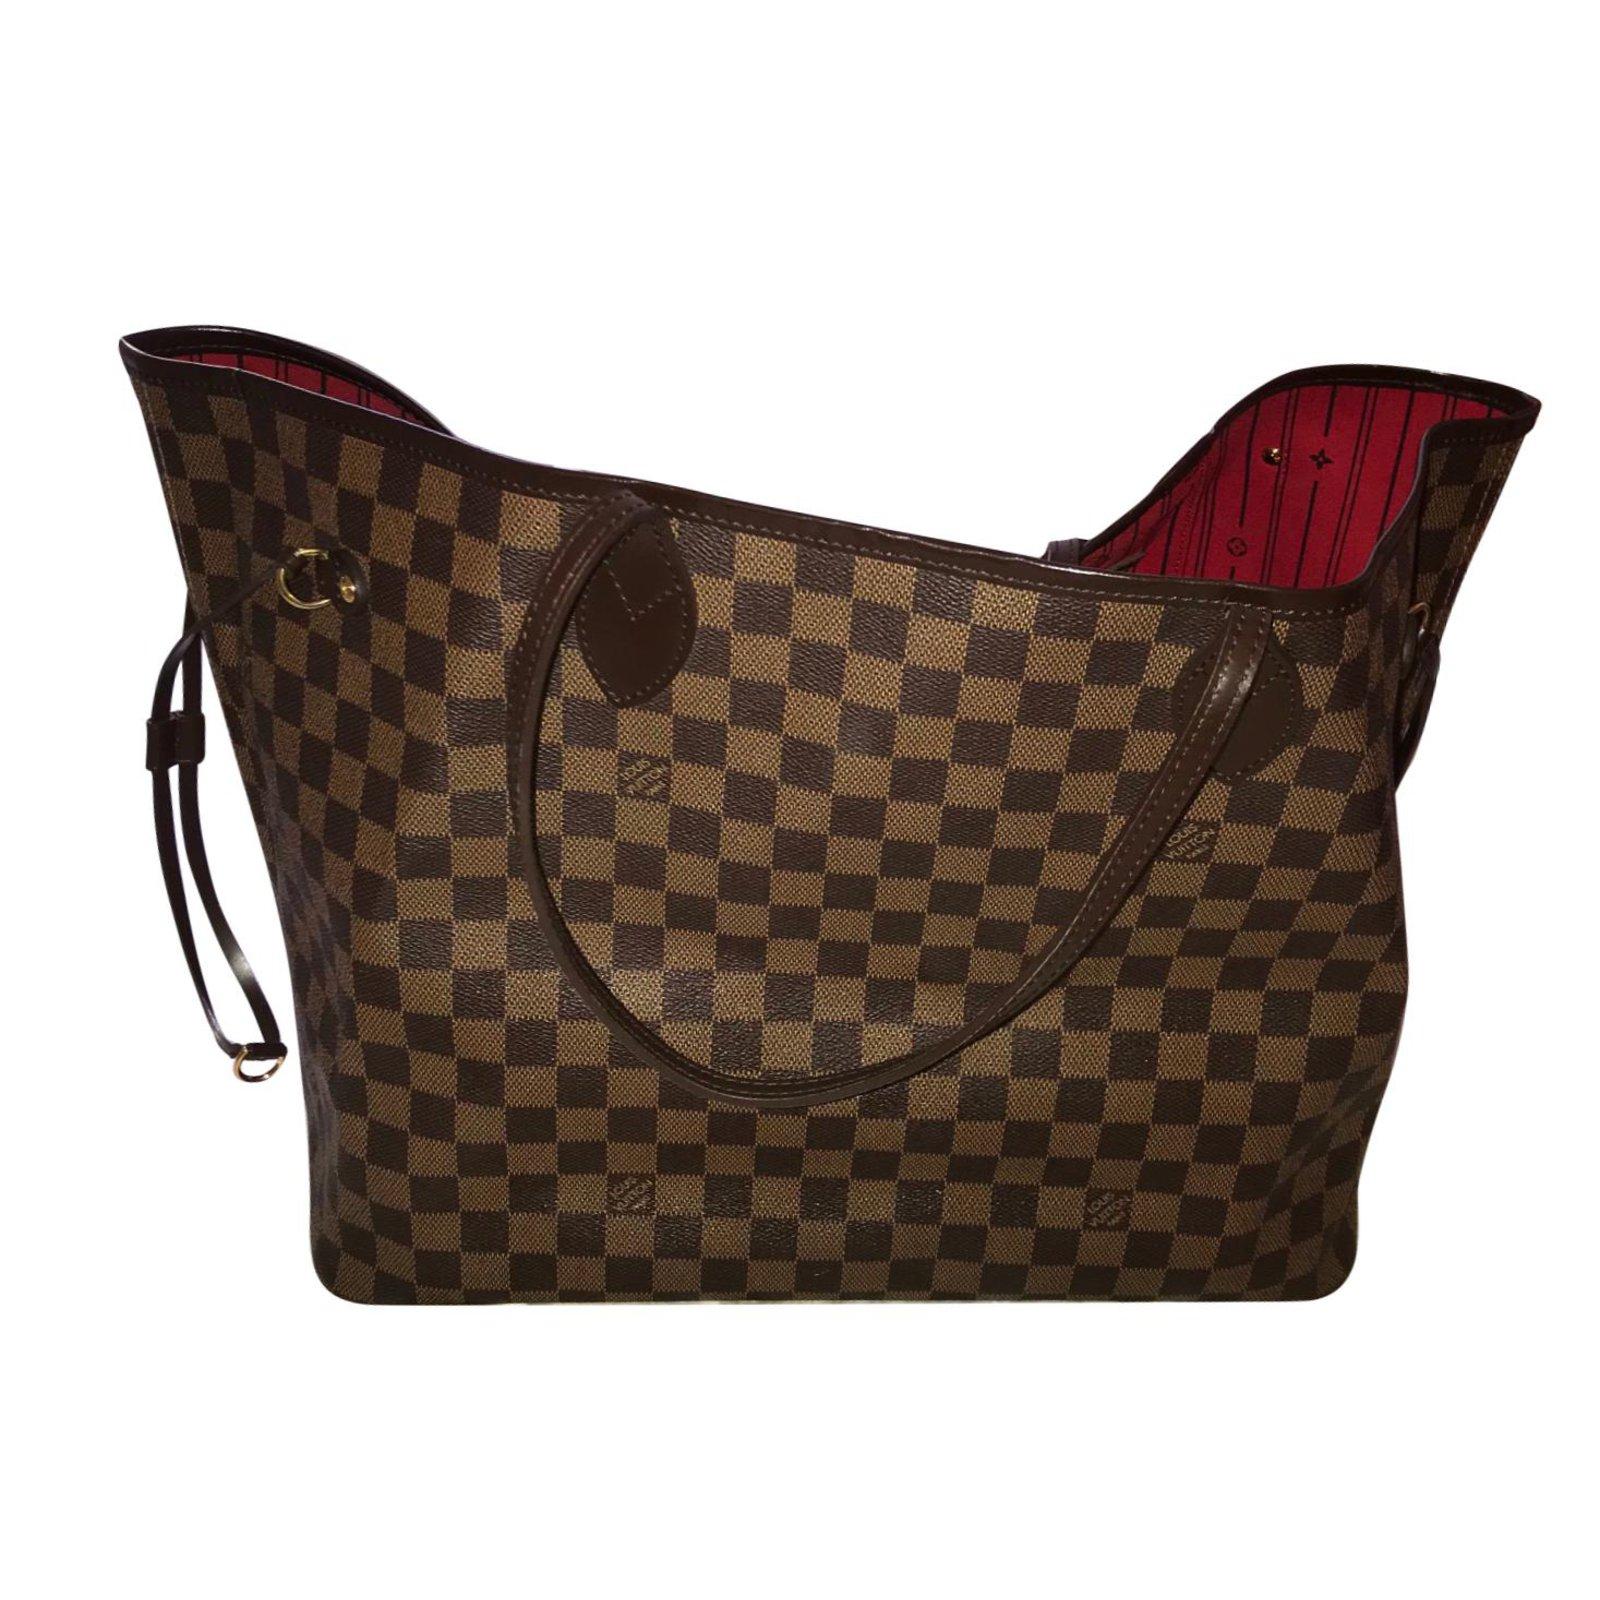 41f7c526e684 ... Sacs à main Louis Vuitton Neverfull GM Cuir Marron ref.71541 ...